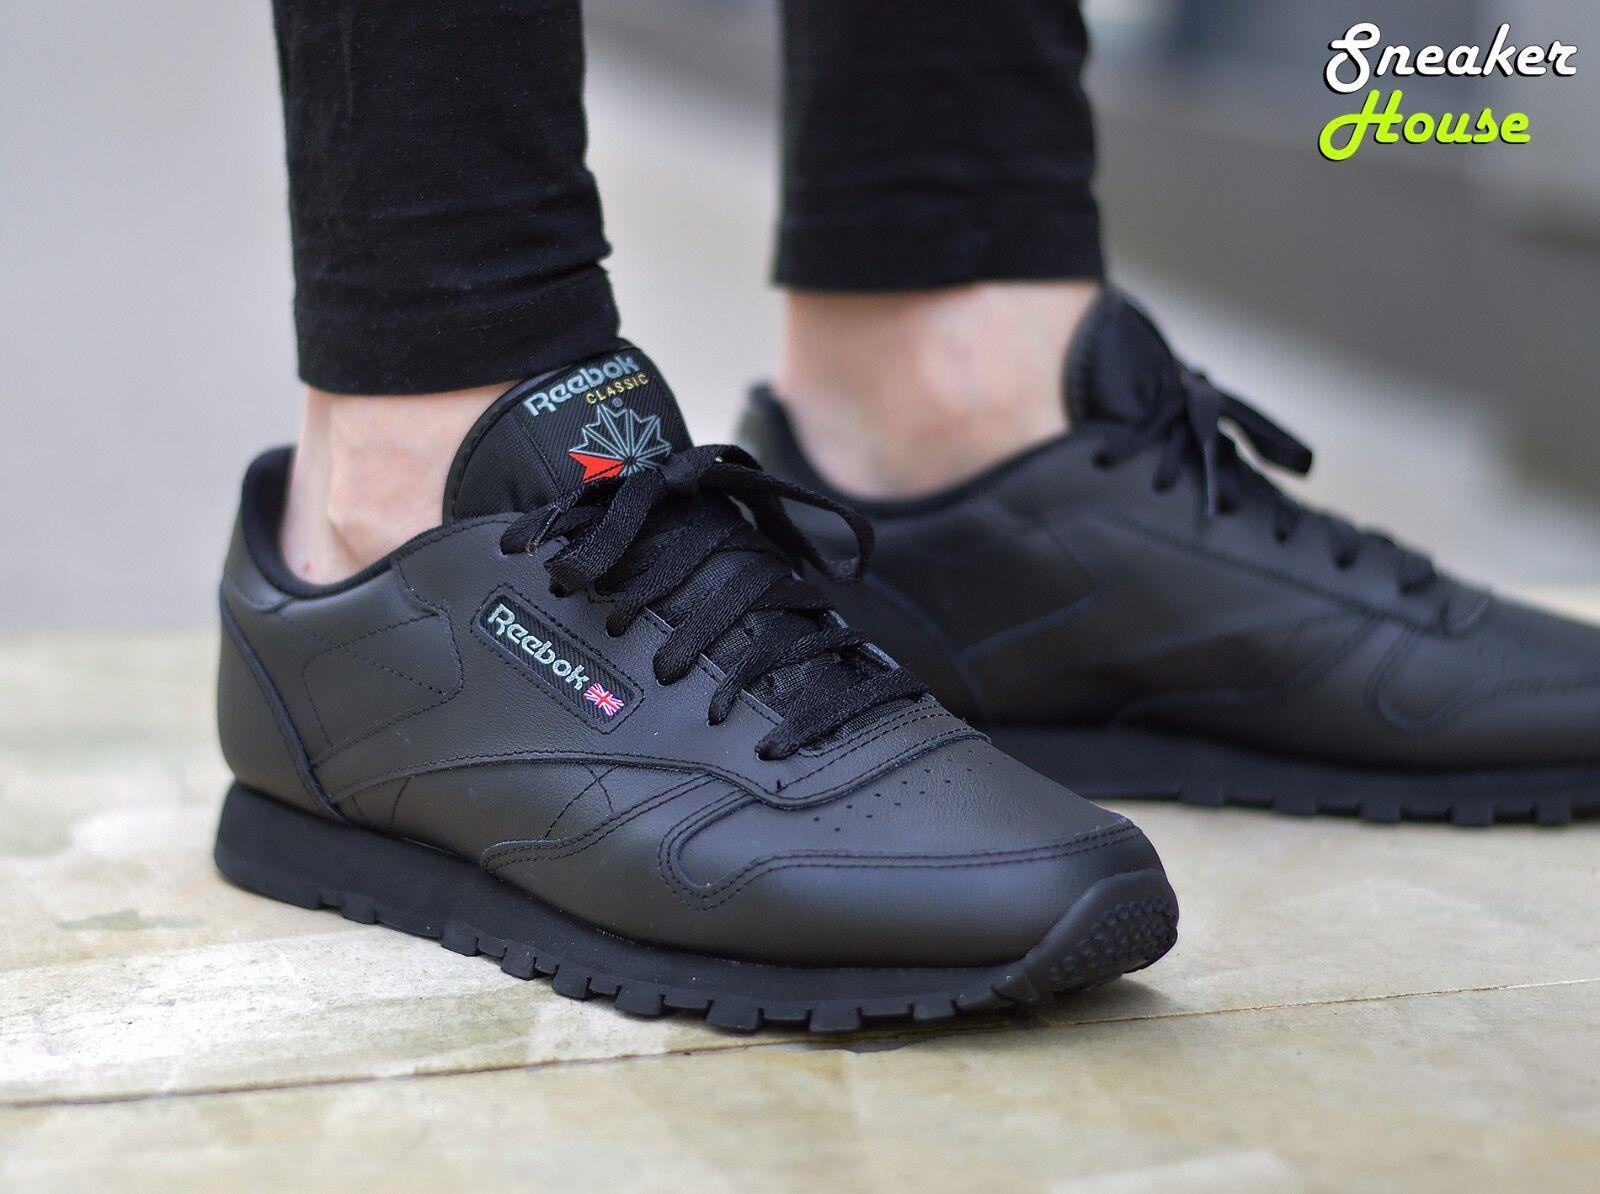 Reebok Reebok Reebok Classic Leather 50149 Junior Women's Sneakers b76867